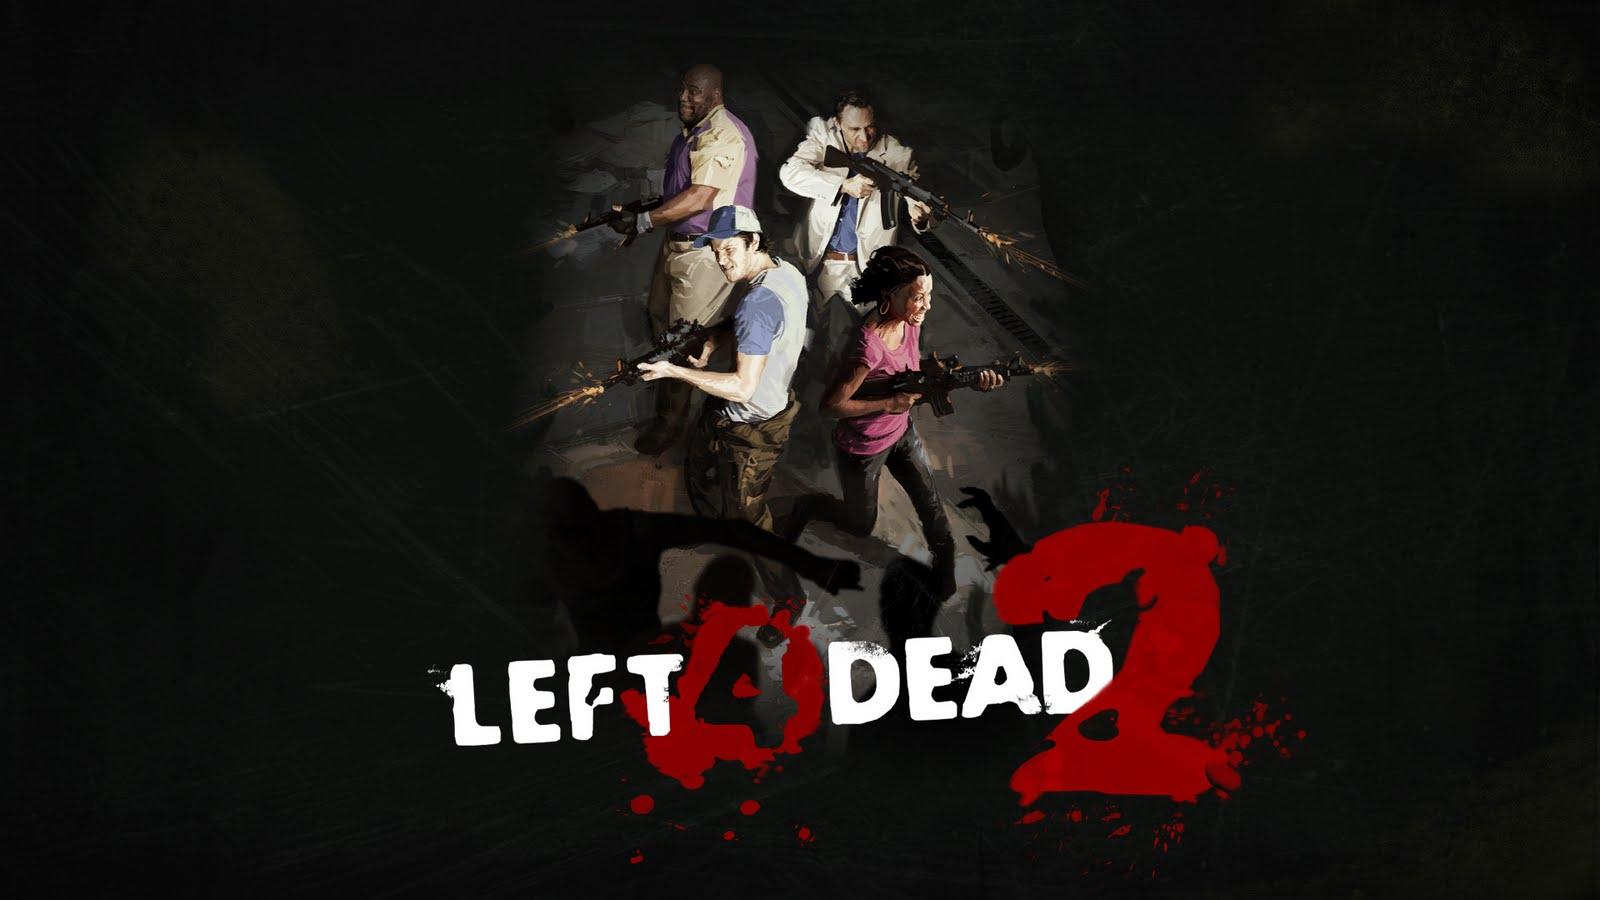 Left 4 Dead 2 Wallpapers ...